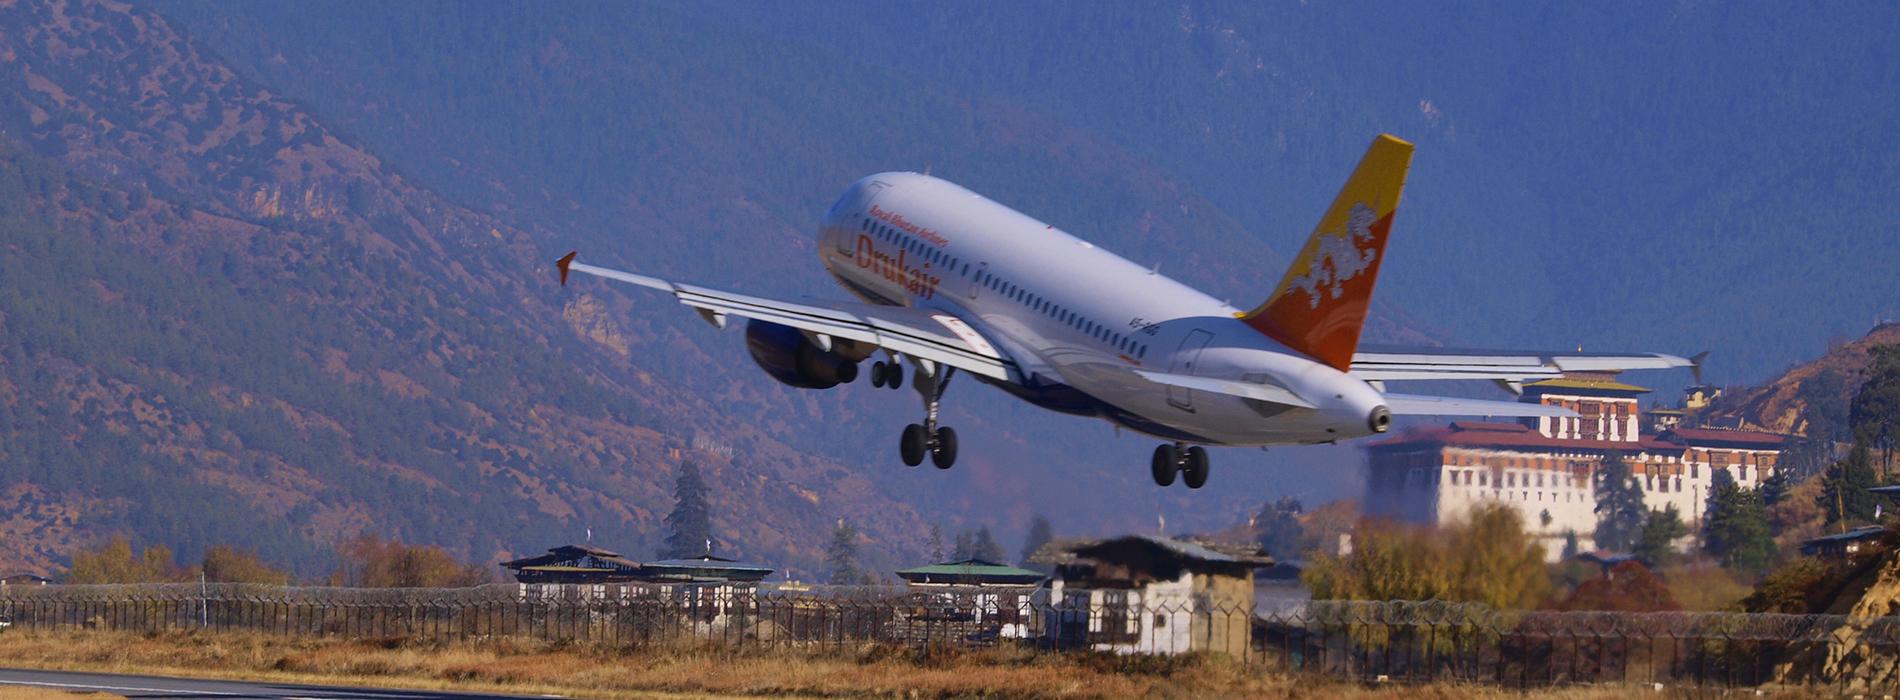 Drukair- Royal Bhutan Airlines